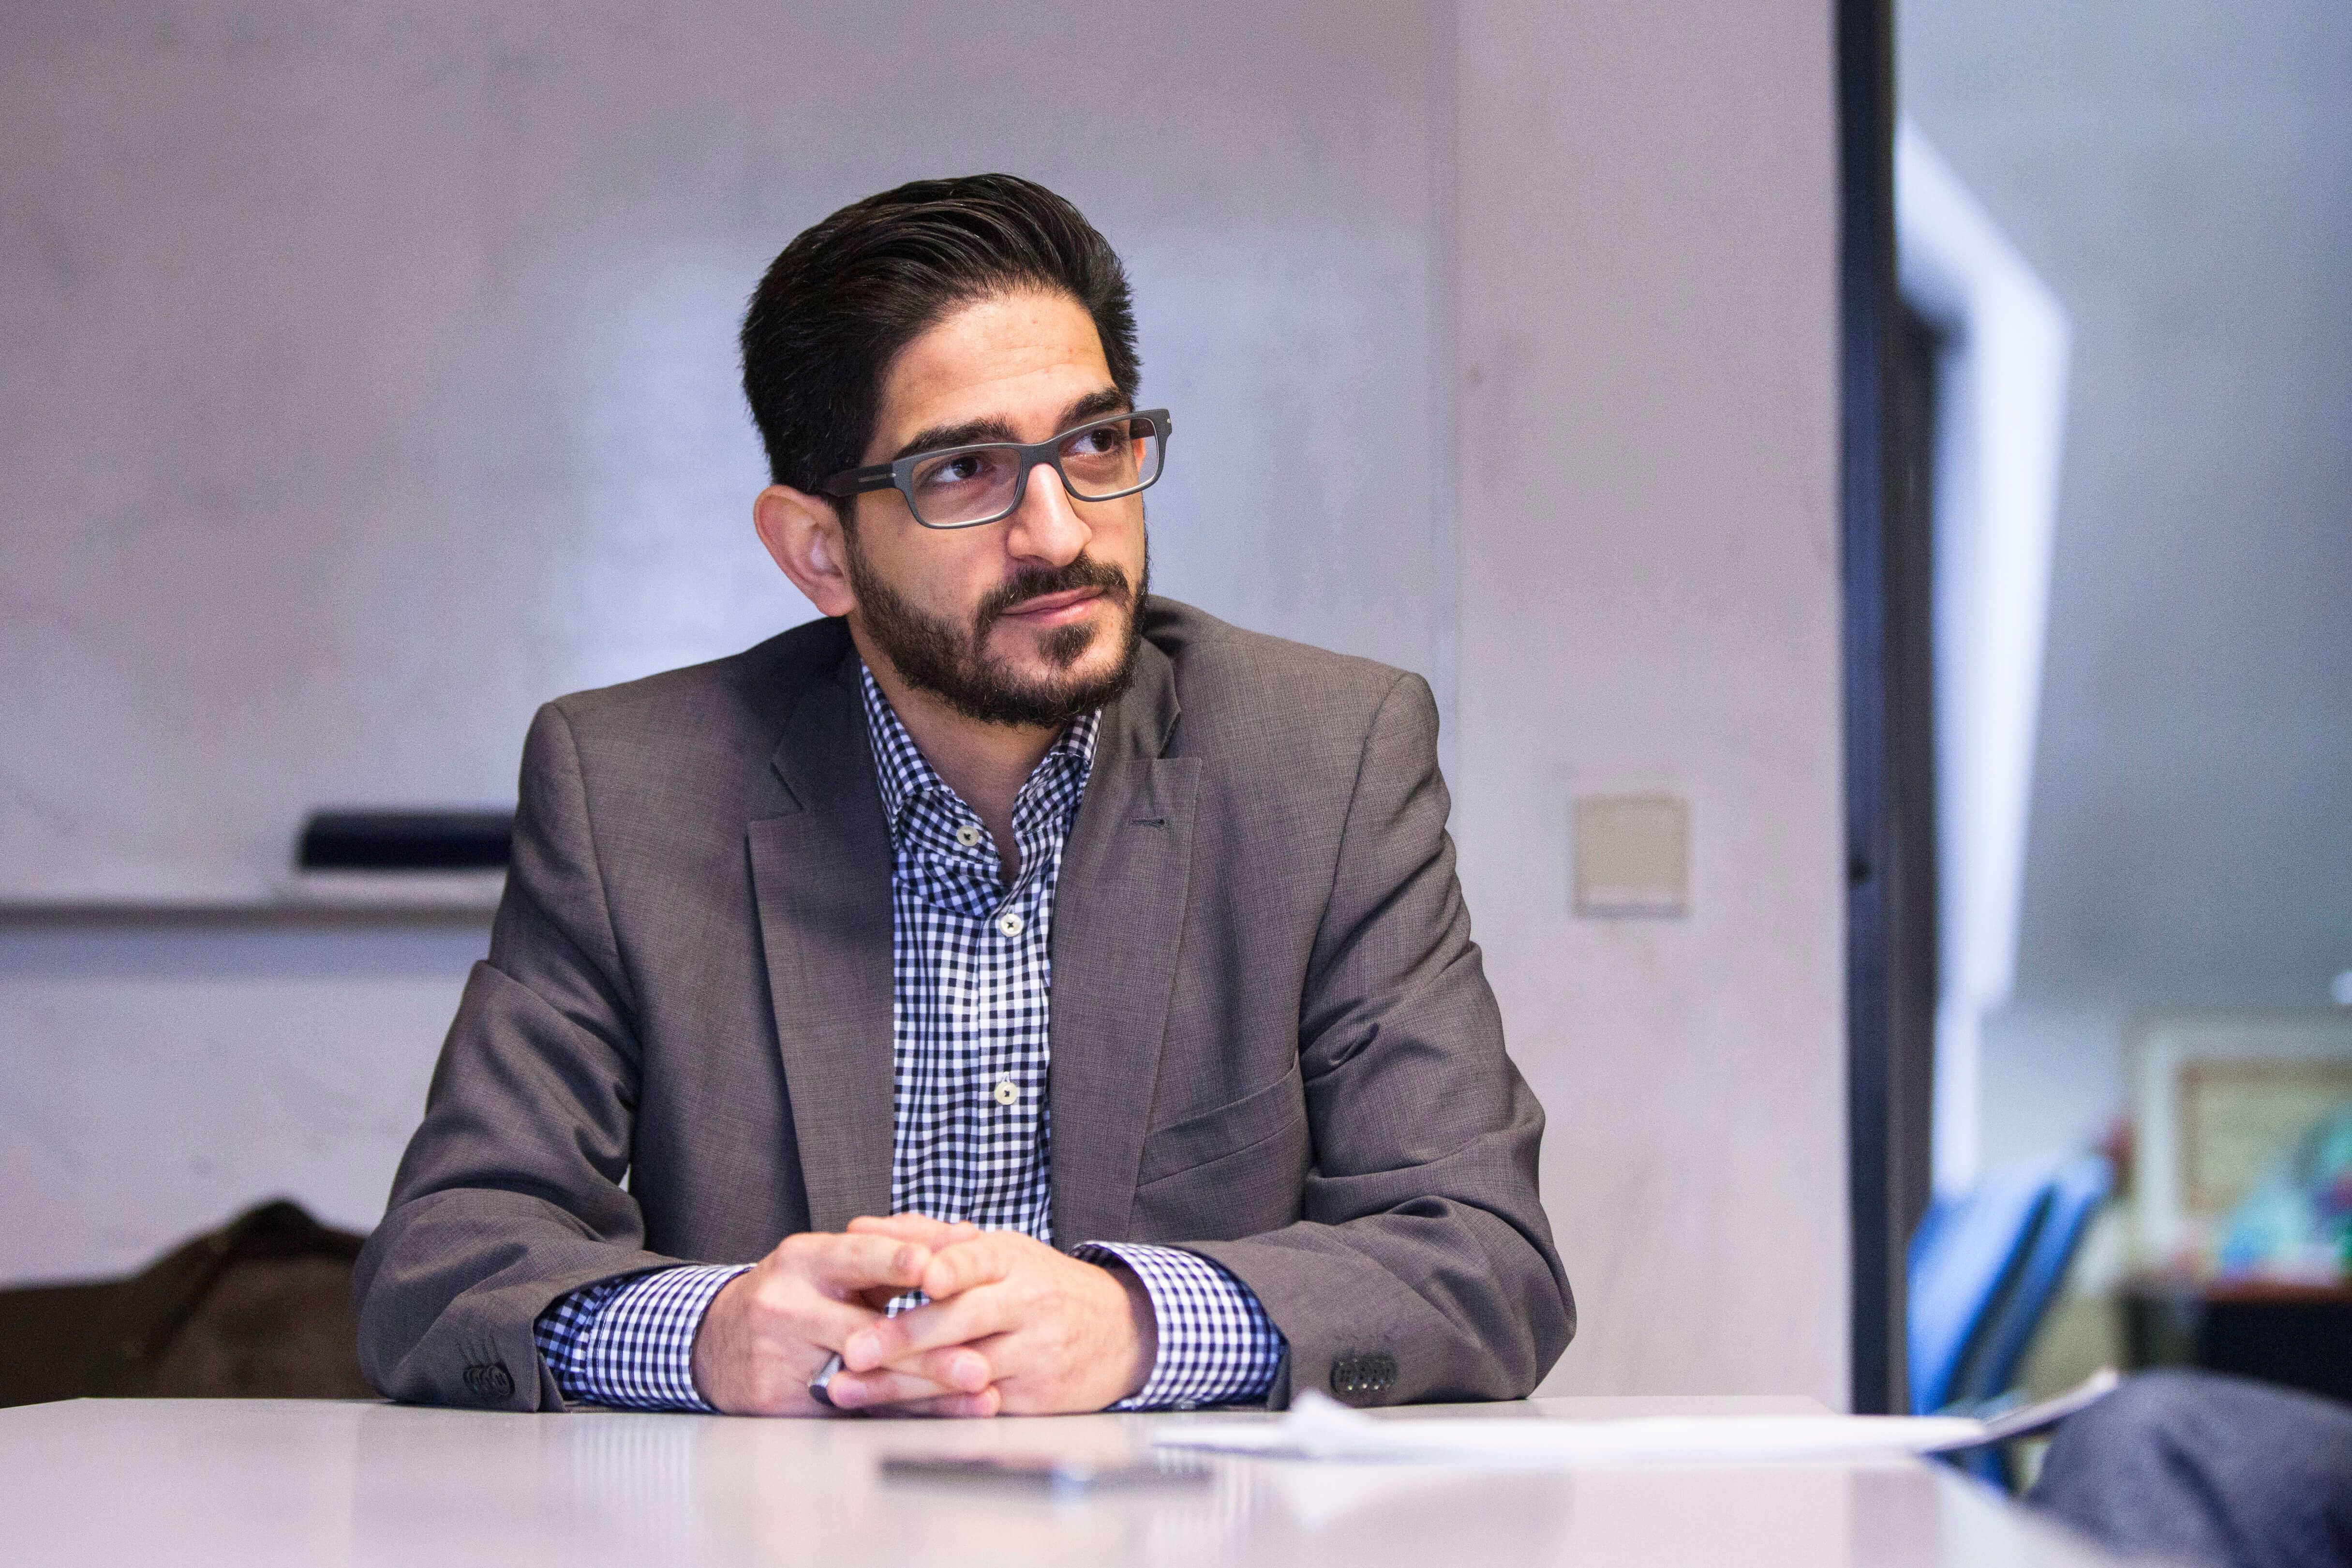 Iran Wirtschaft: Dawood Nazirizadeh, Unternehmensberatung Wiesbaden